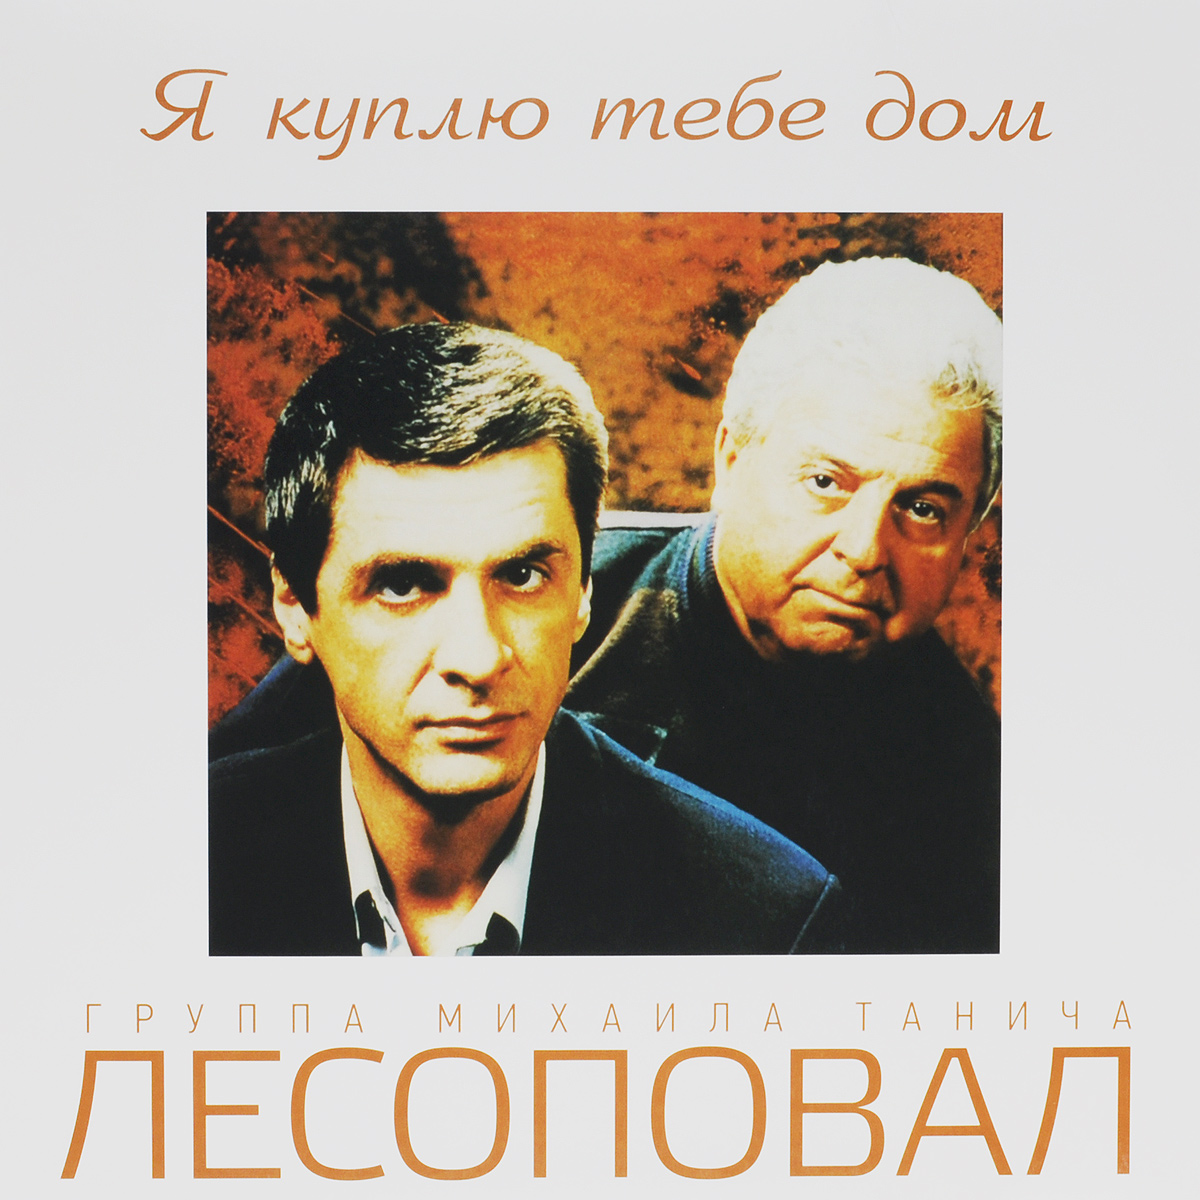 Лесоповал Группа Михаила Танича Лесоповал. Я куплю тебе дом (LP) куплю зиаген таб по 300мг 60